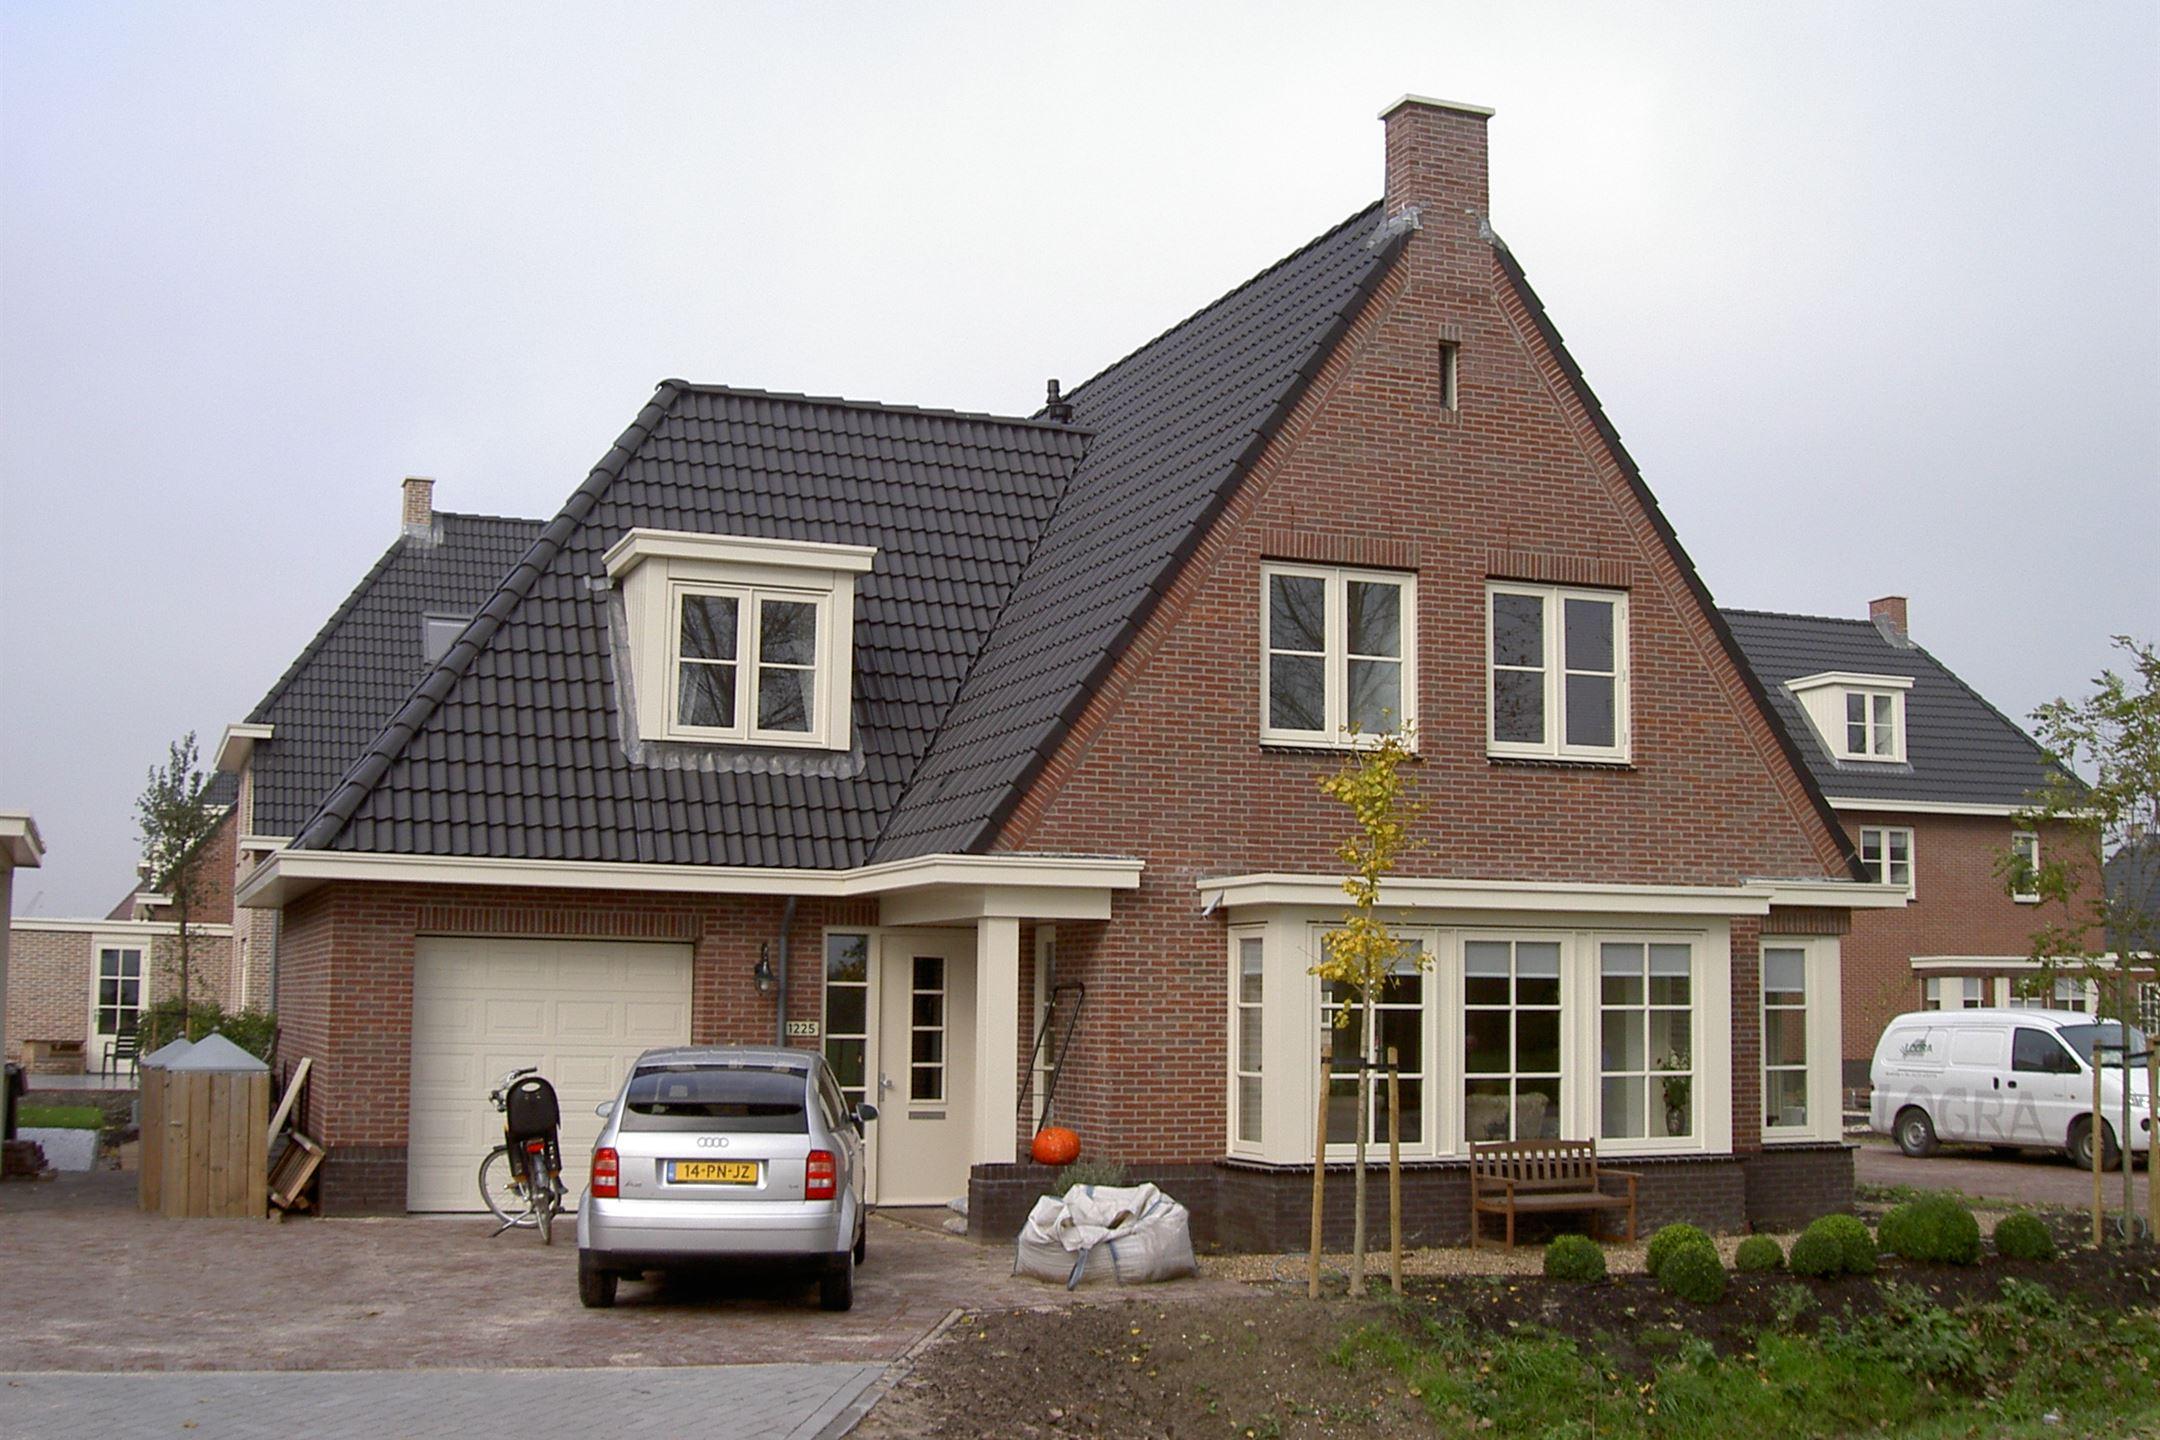 Verkocht sier vroegrijkstraat kavel 3 4735 cn zegge funda for Bouwkosten per m3